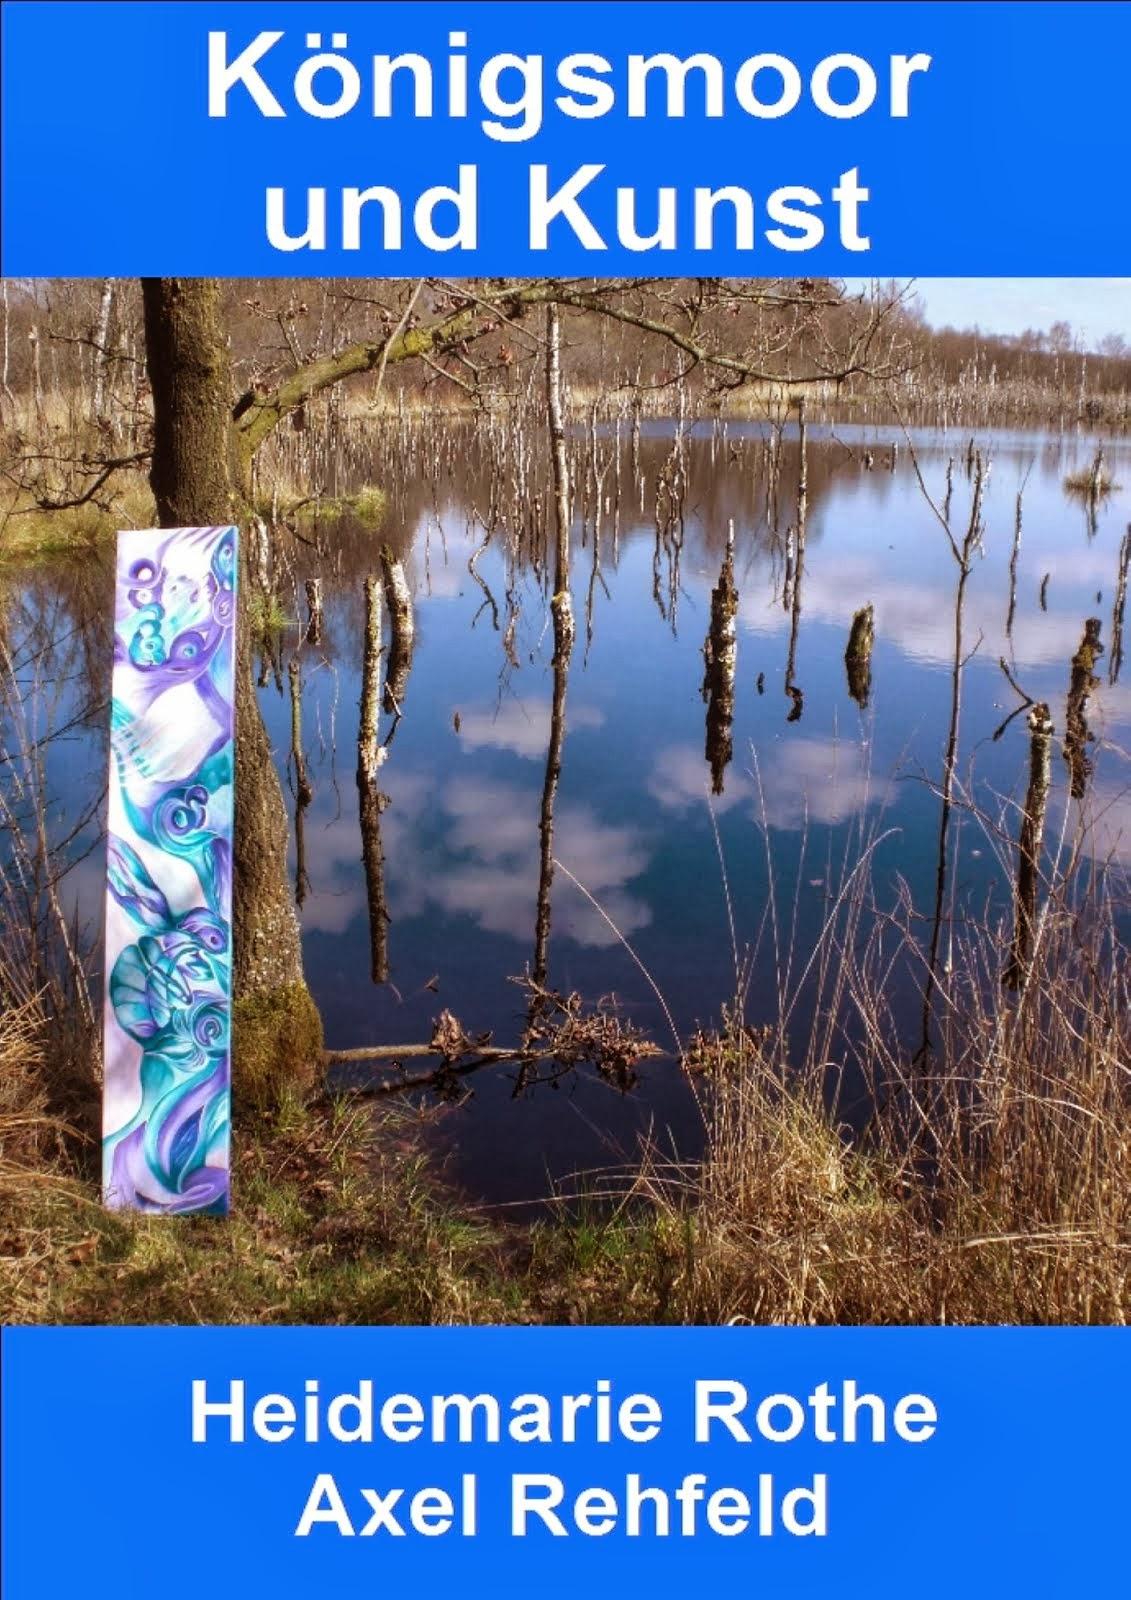 Buch/ebook Königsmoor und Kunst